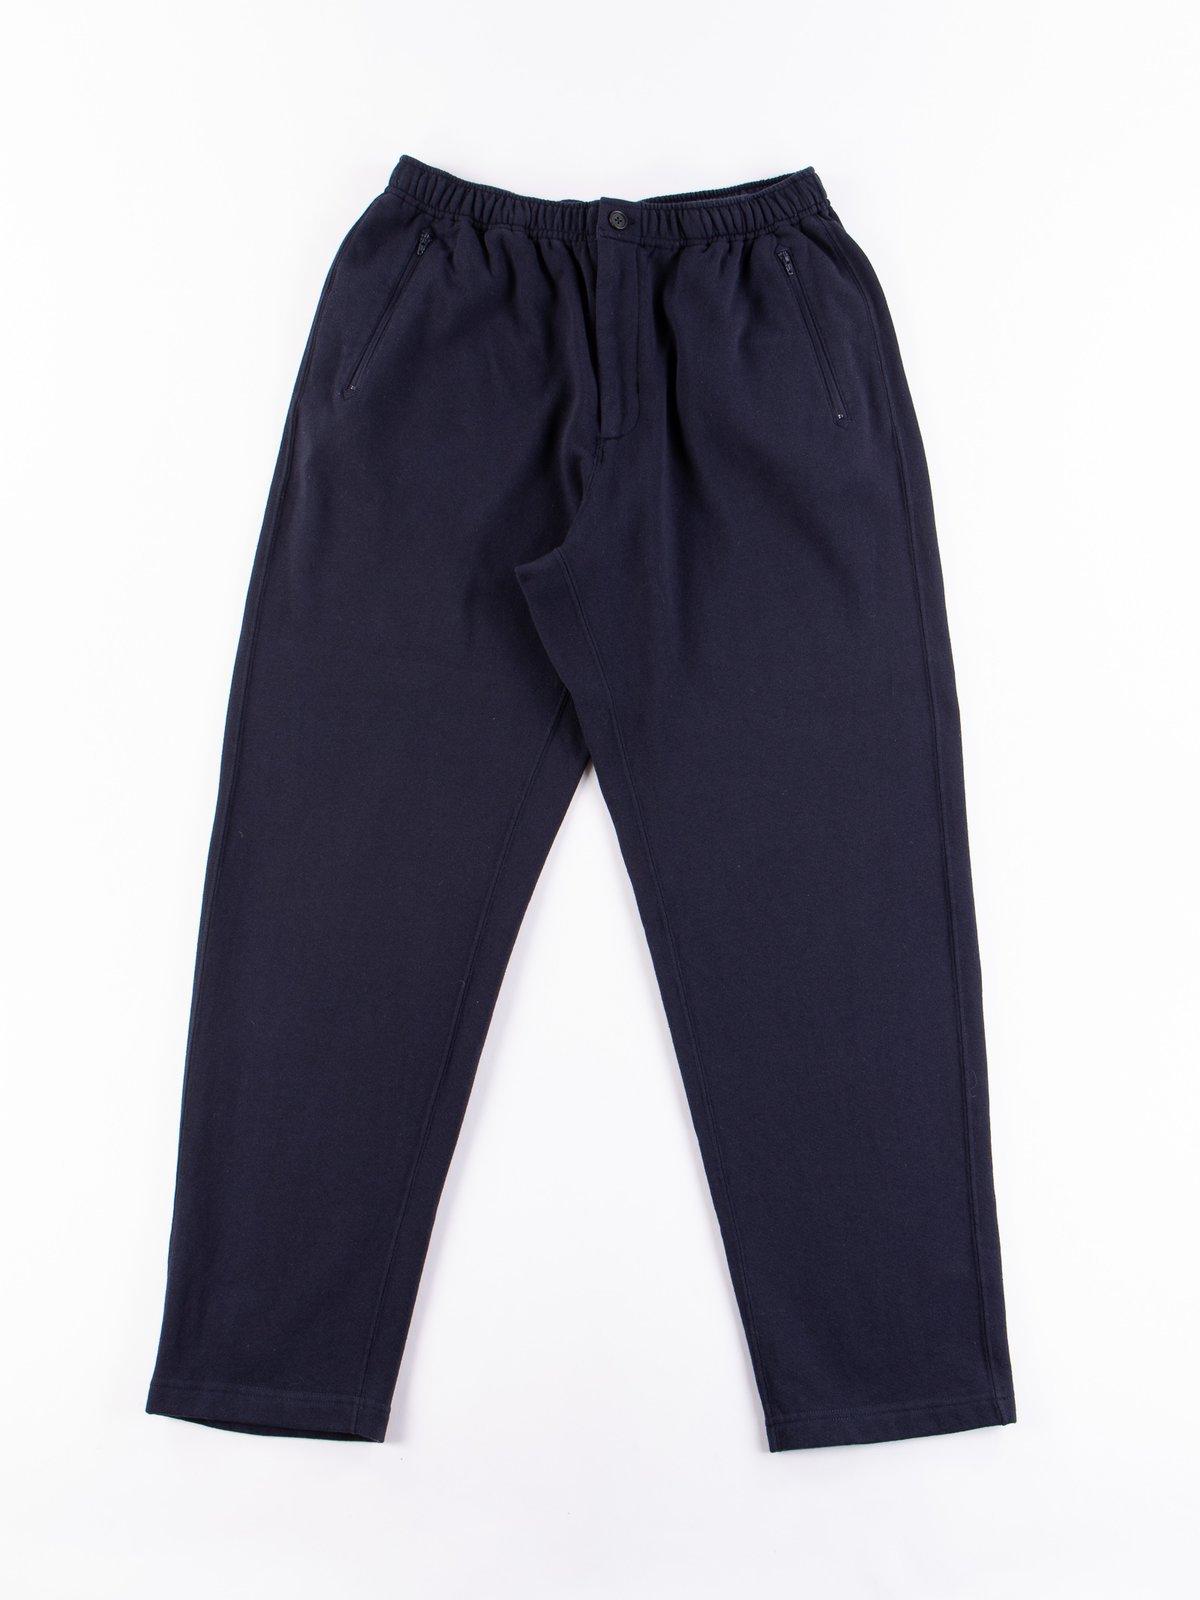 Navy Jog Pant - Image 1